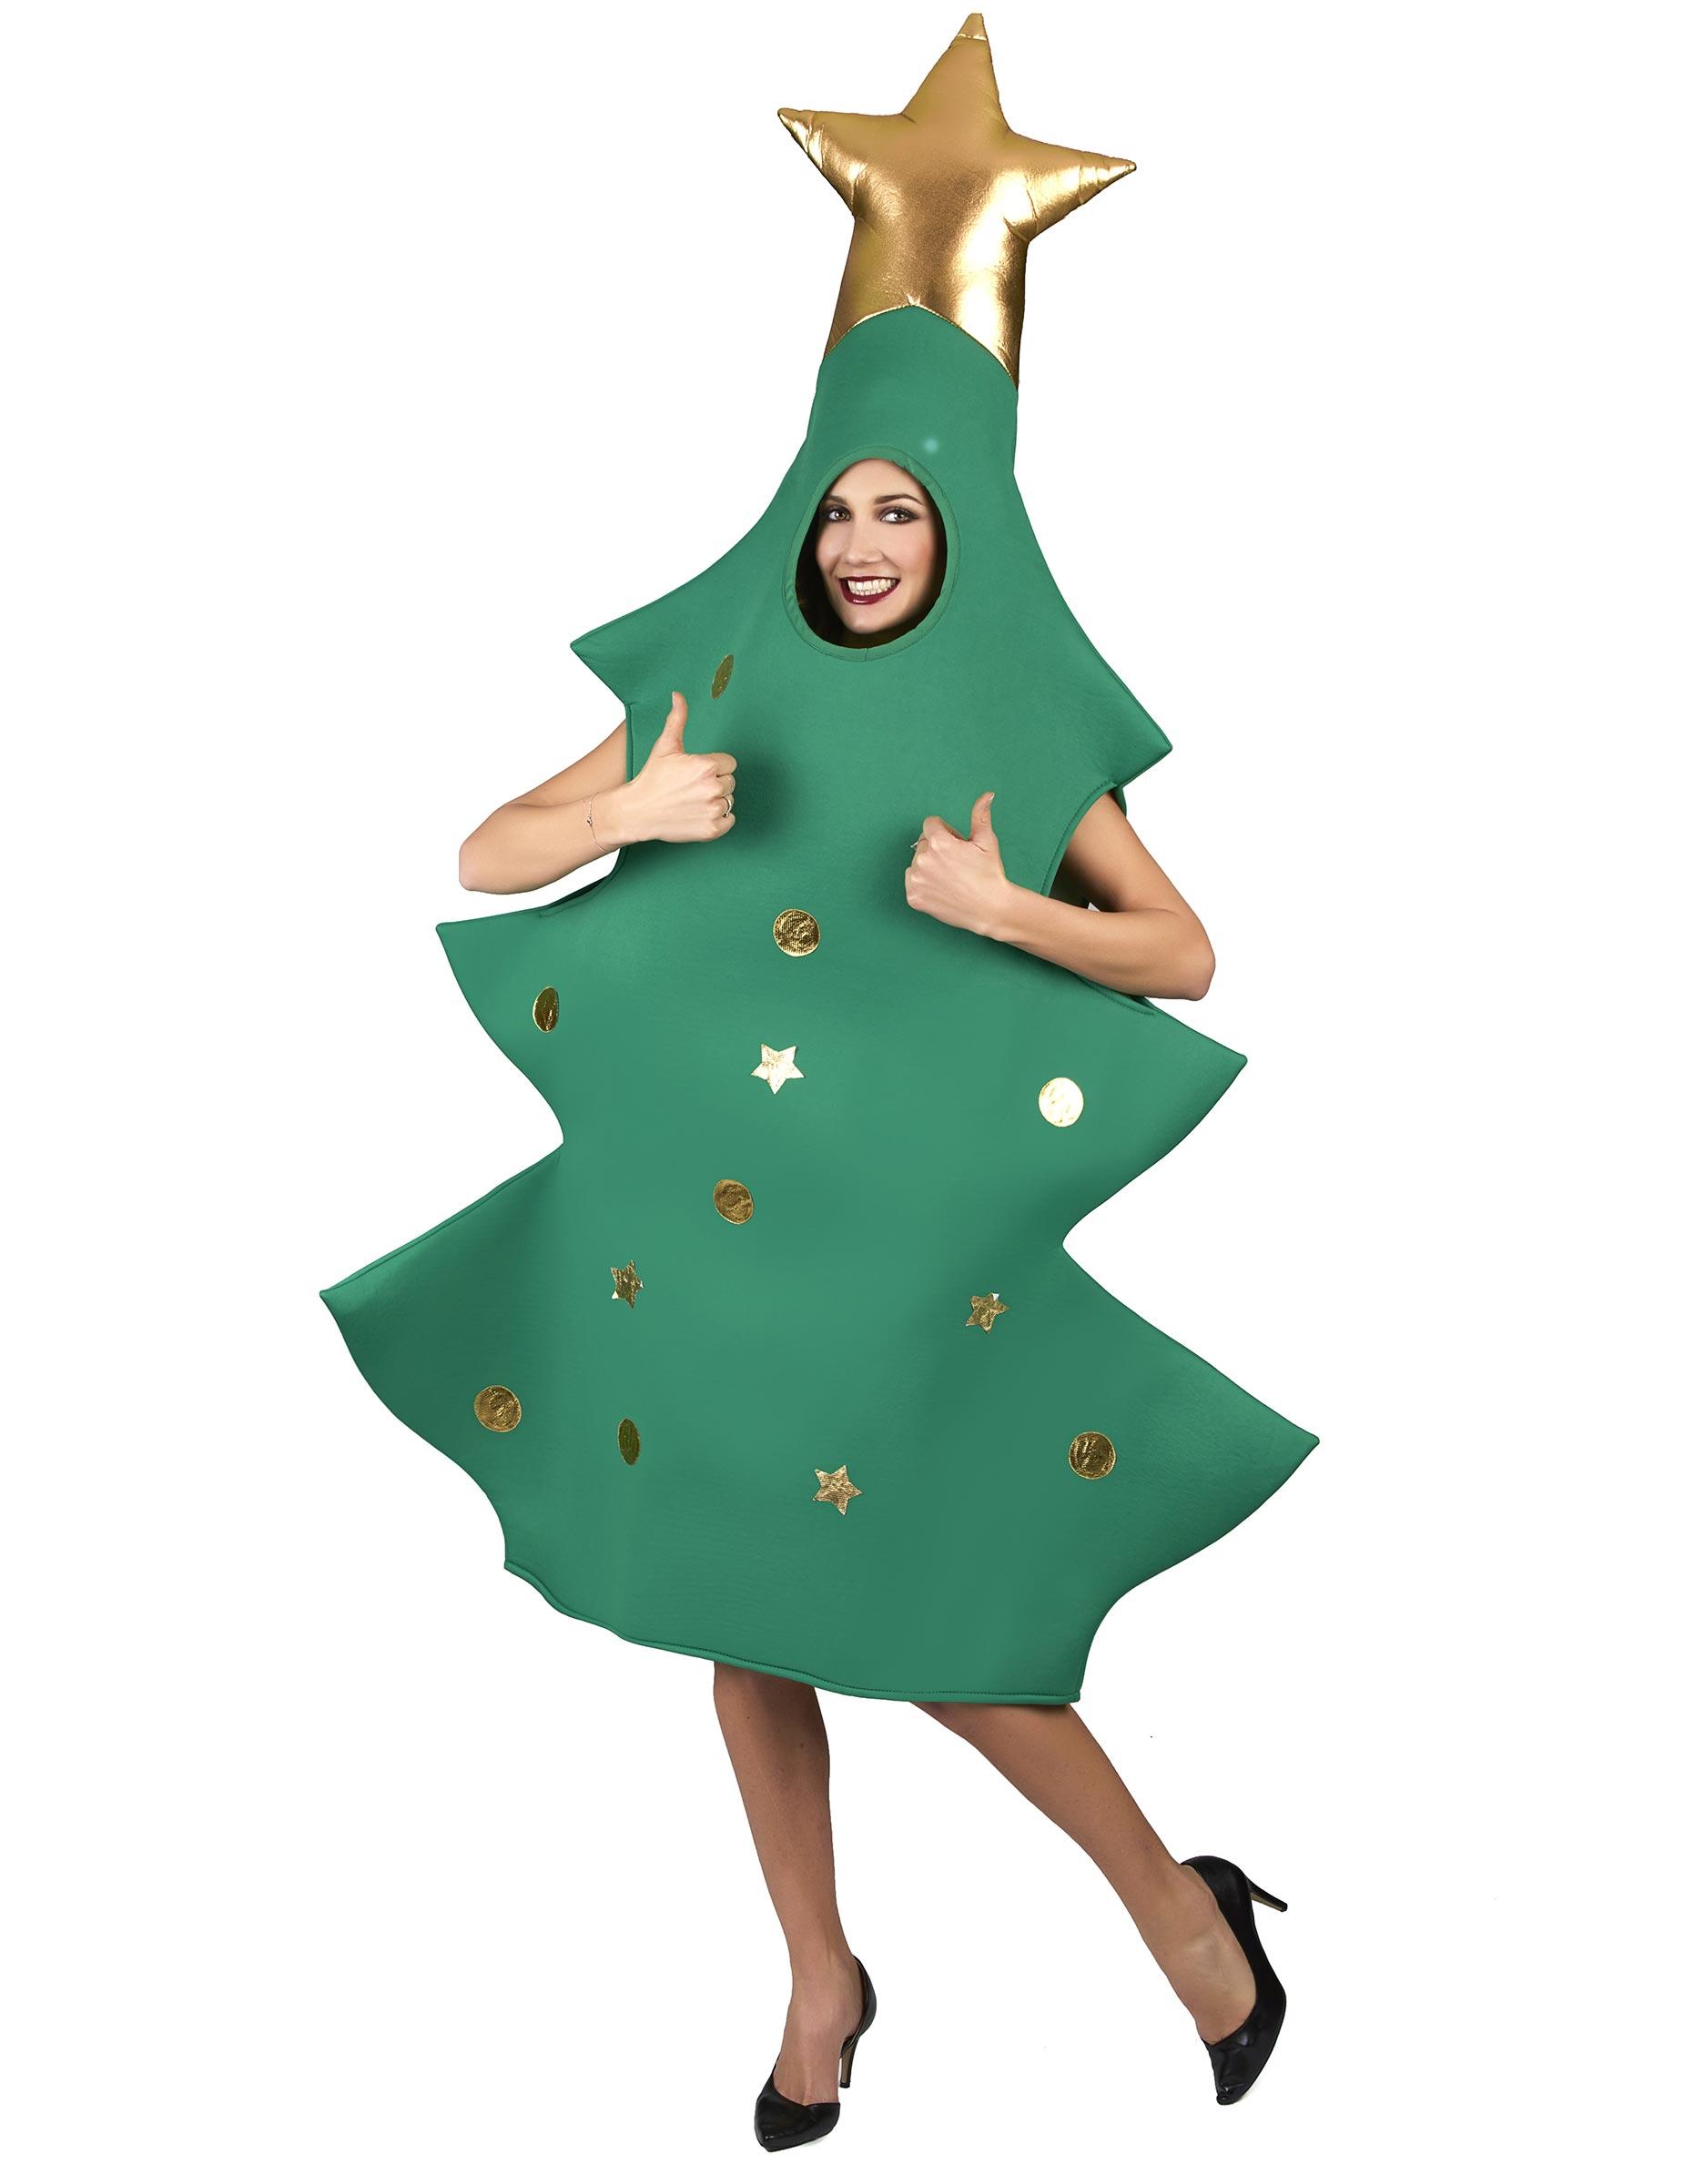 Disfraz rbol de Navidad 3D adulto Disfraces adultosy disfraces